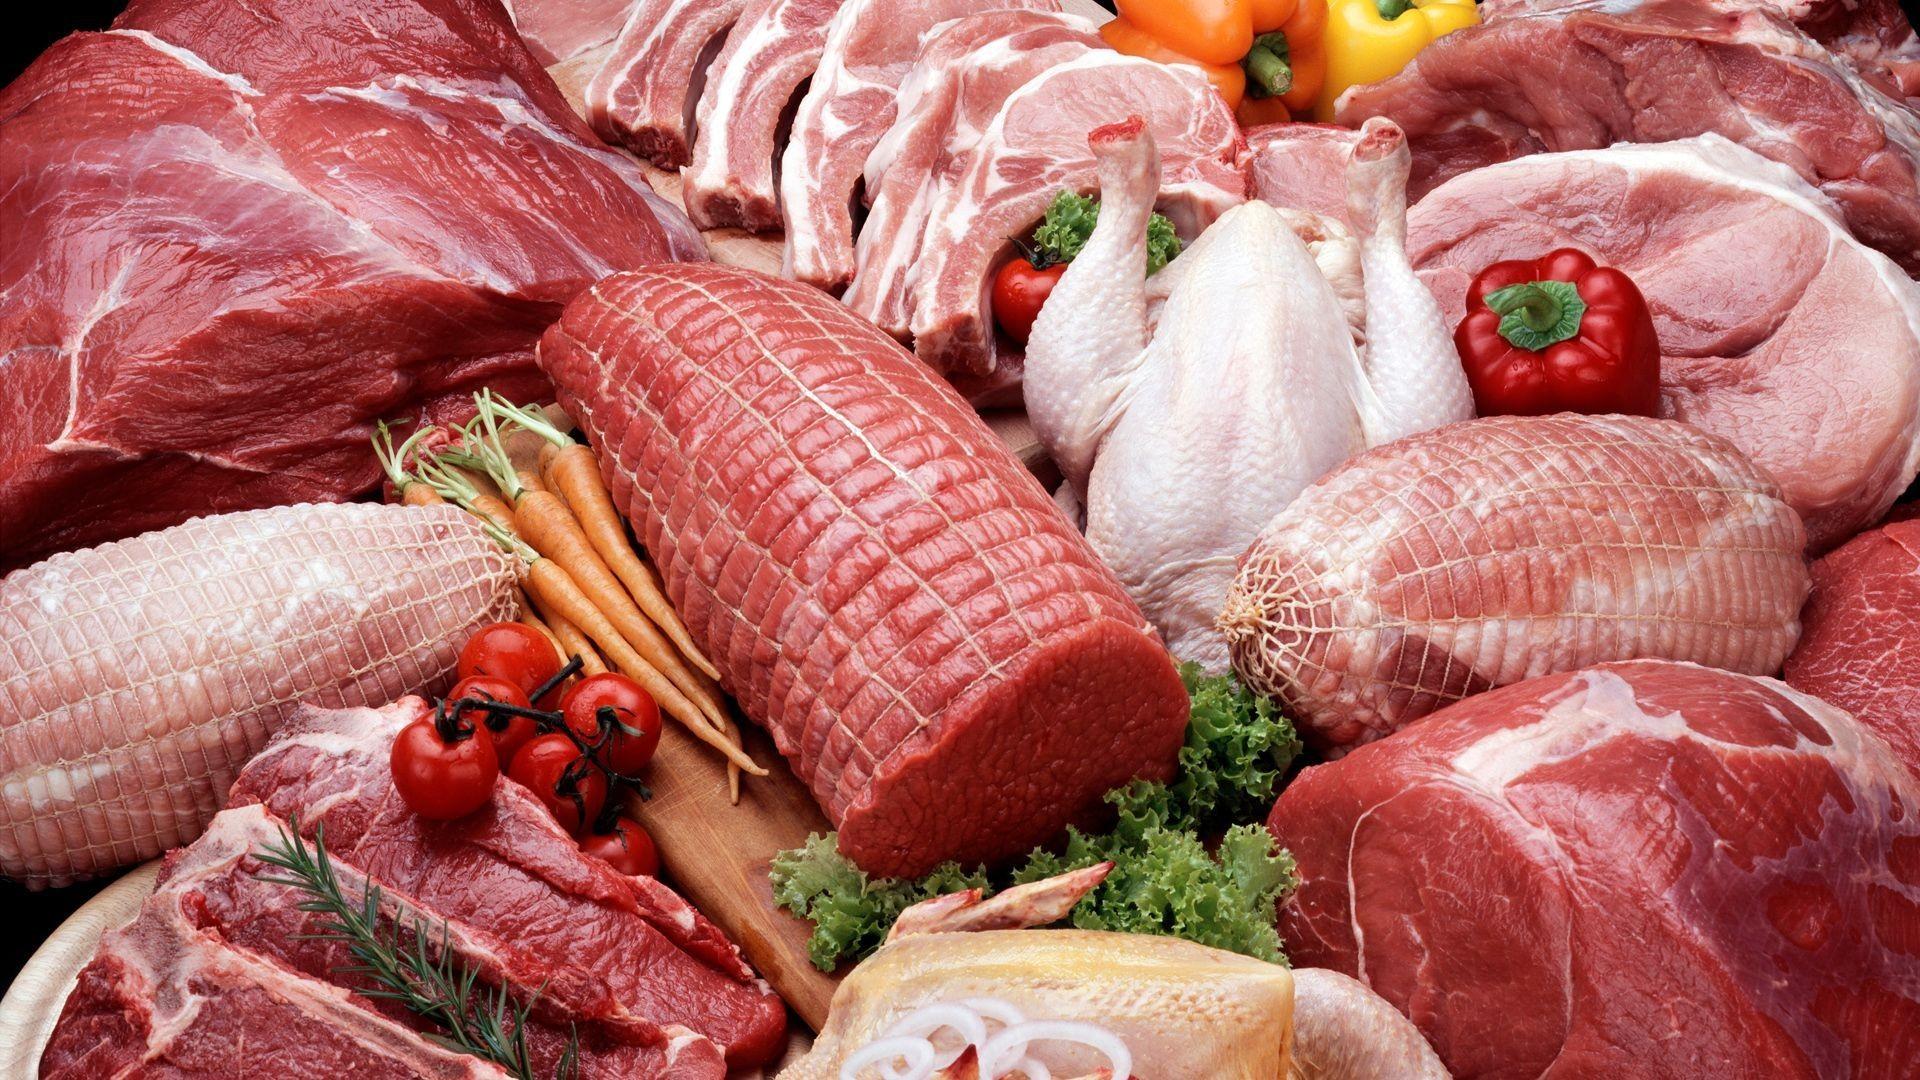 Carnicería, charcutería y pollería en Benavente